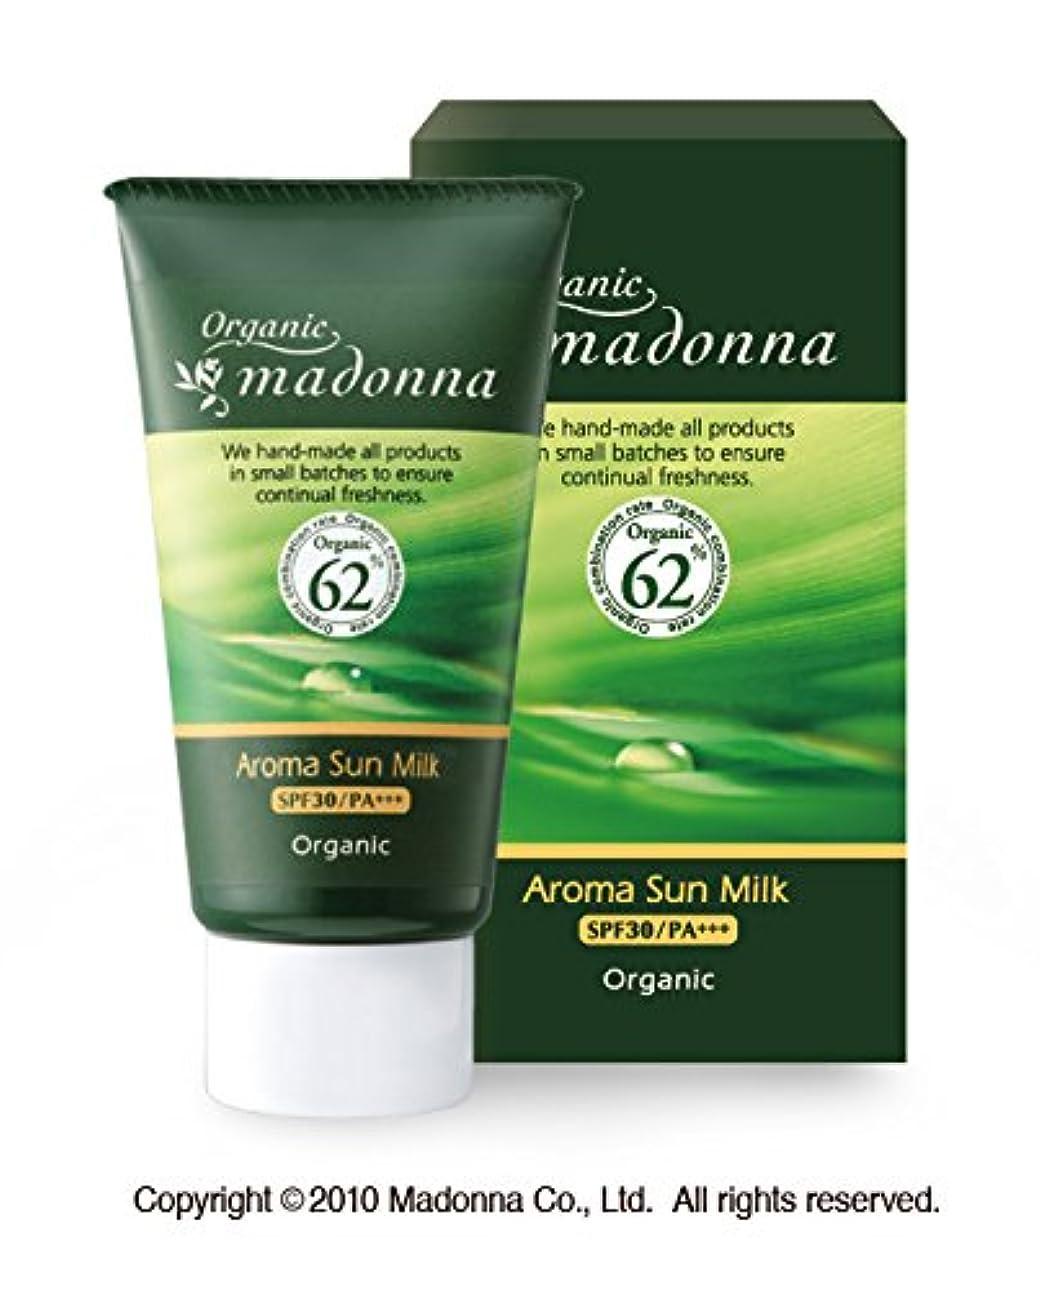 製造業聞きます鋭くオーガニックマドンナ アロマサンミルク45g(SPF30/PA+++)<オーガニック62%配合>